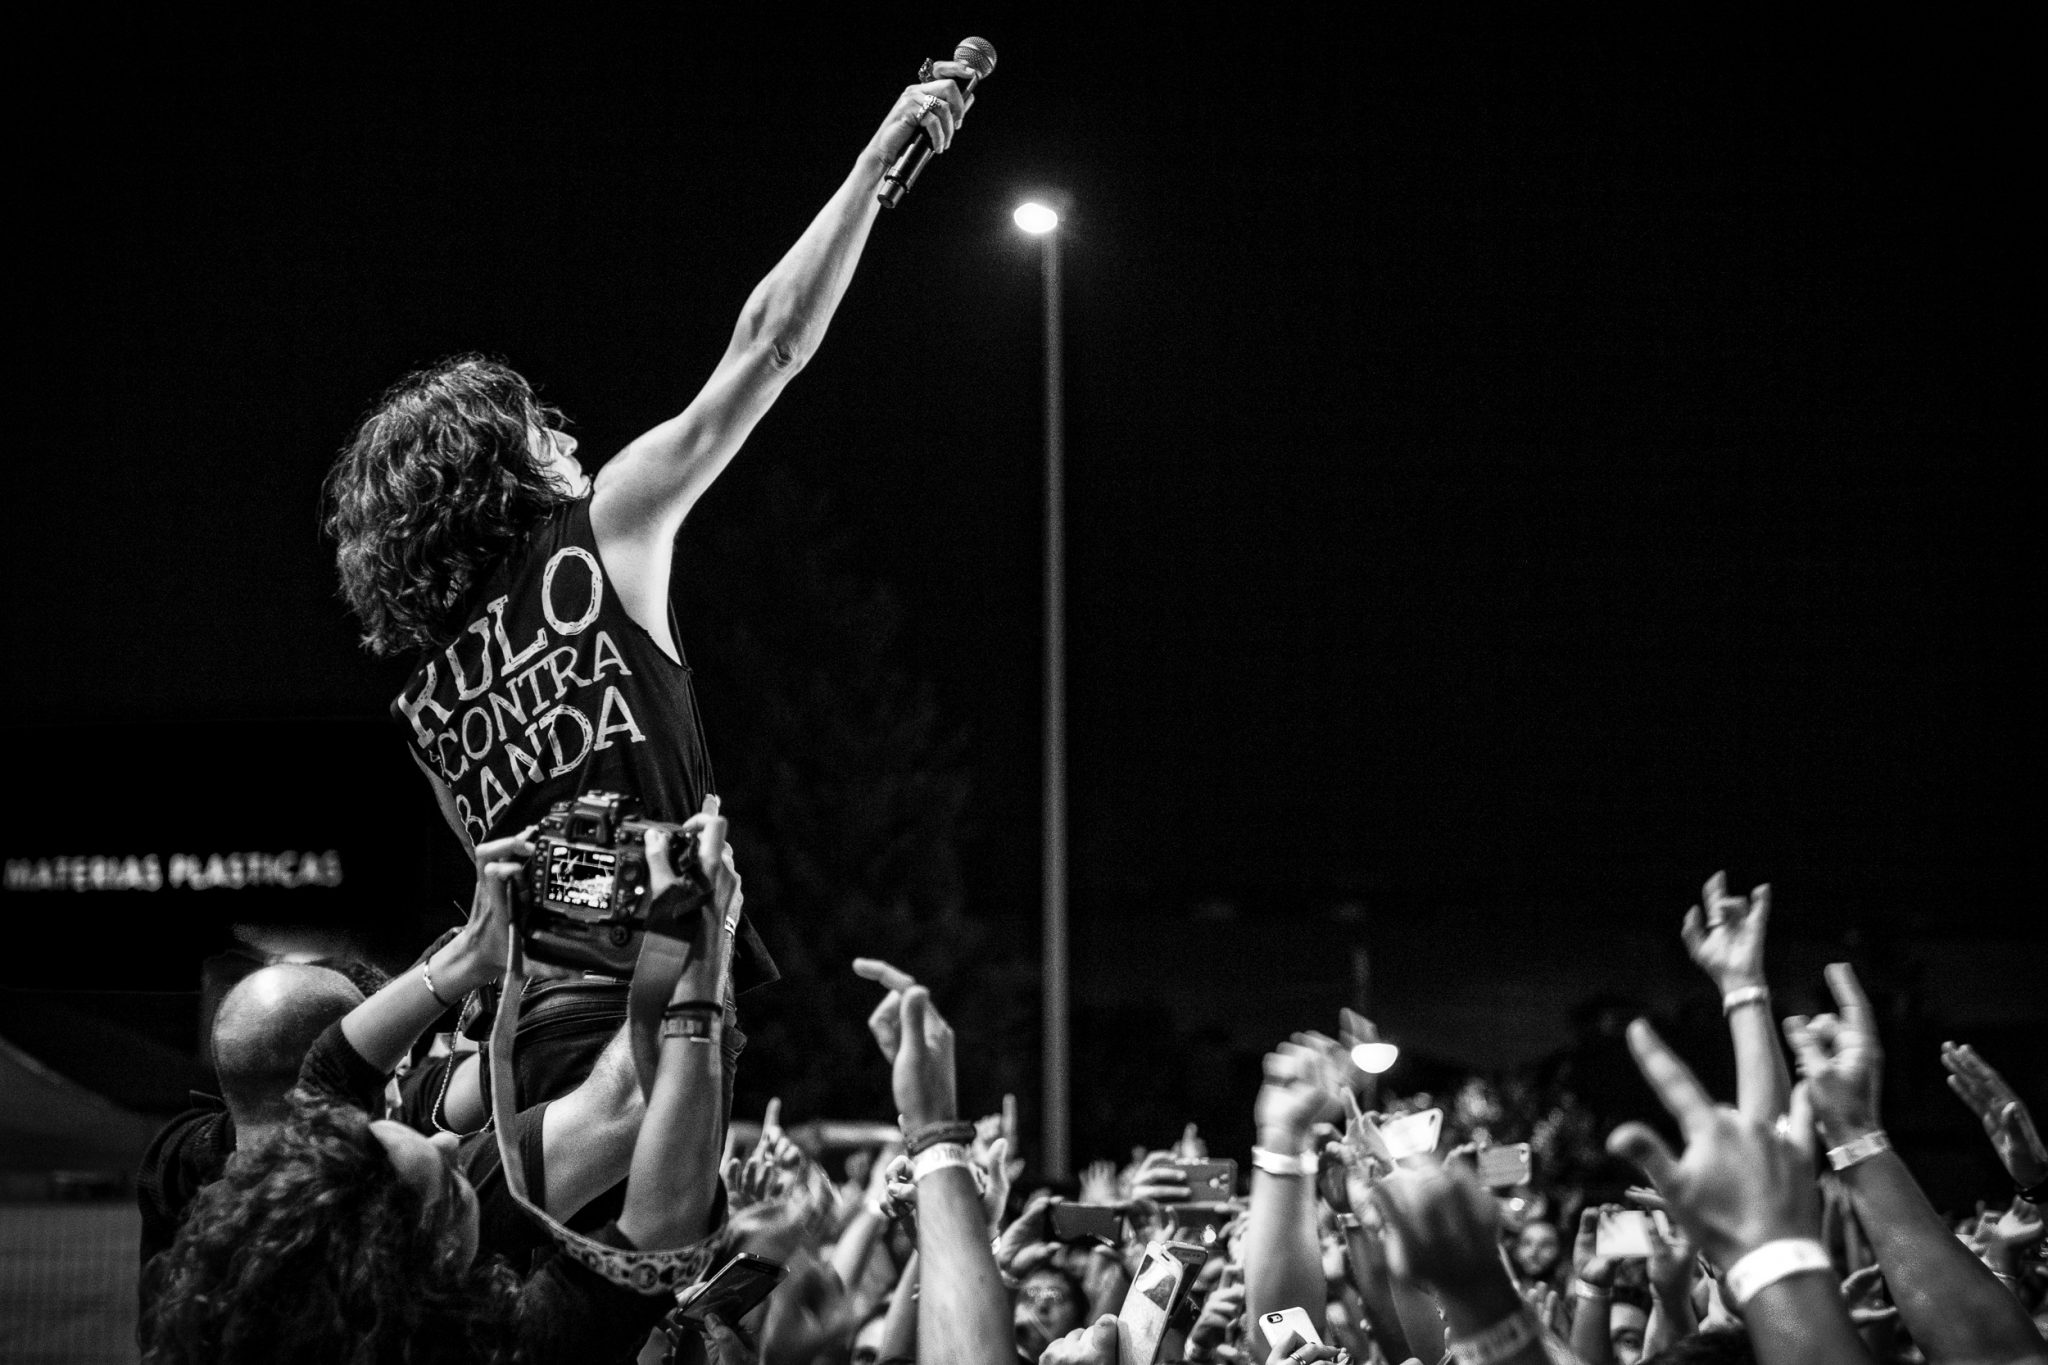 Sidecars, Rulo y la Contrabanda y Taburete conciertos confirmados para las Noches de la Encina 2021 5